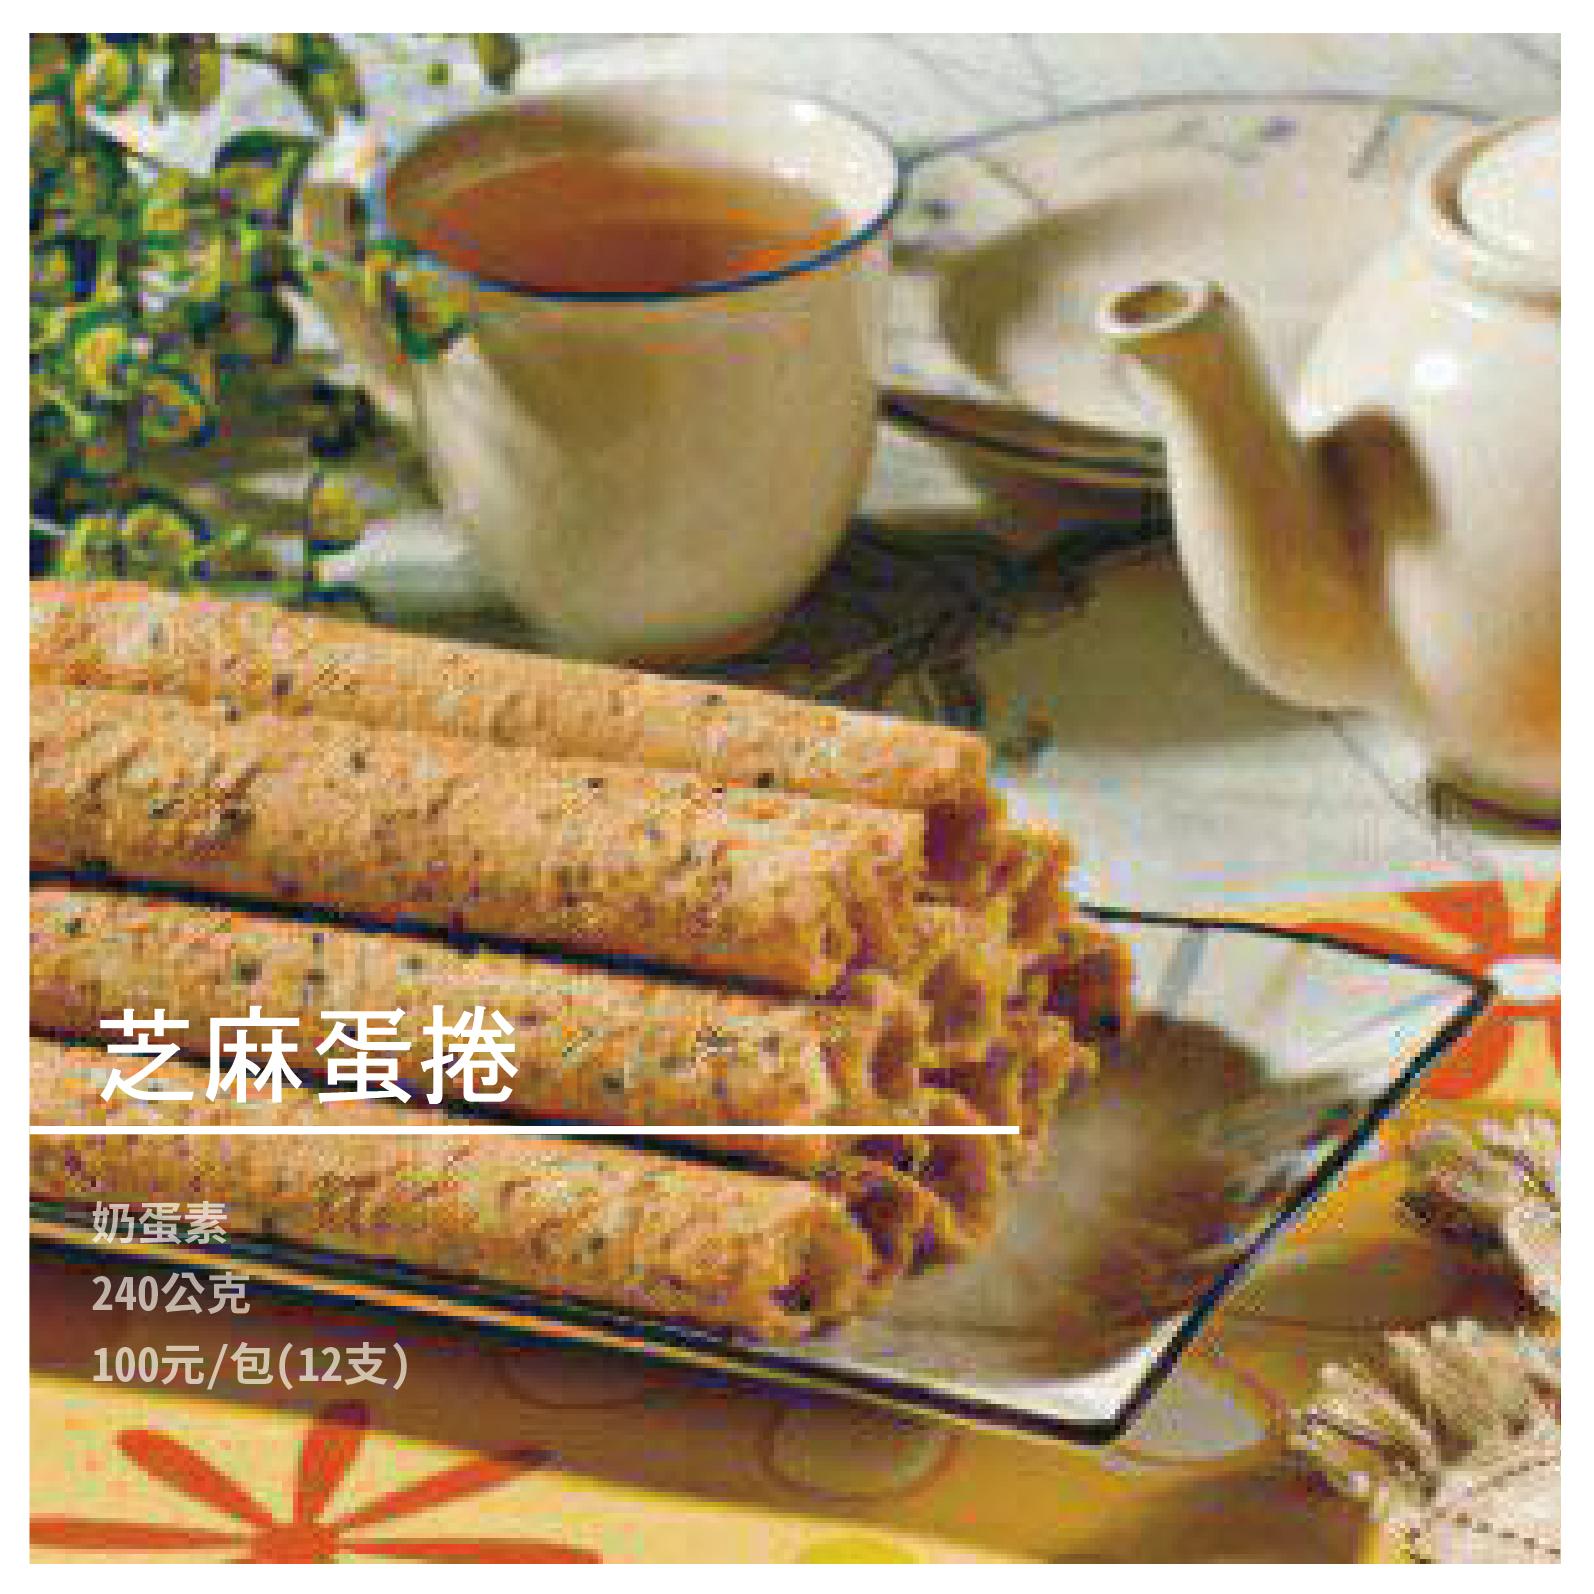 【弘家馨食品】芝麻蛋捲(奶蛋素) 240g/包